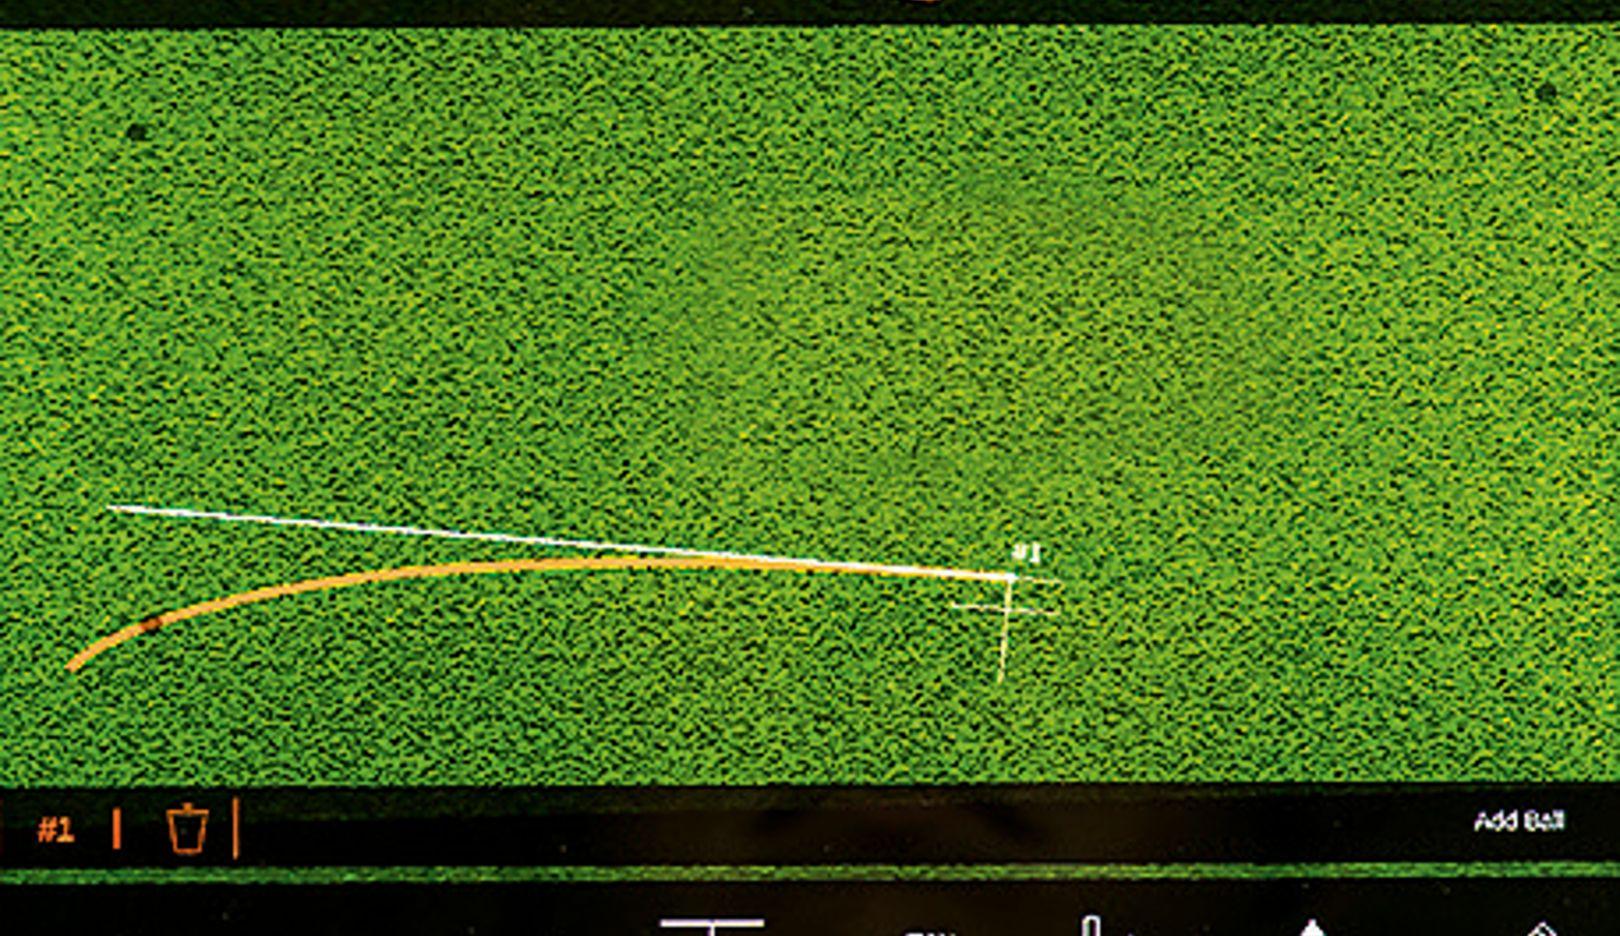 Puttview: el sistema muestra al jugador, que está provisto de unas gafas de realidad aumentada, la línea ideal del putt.